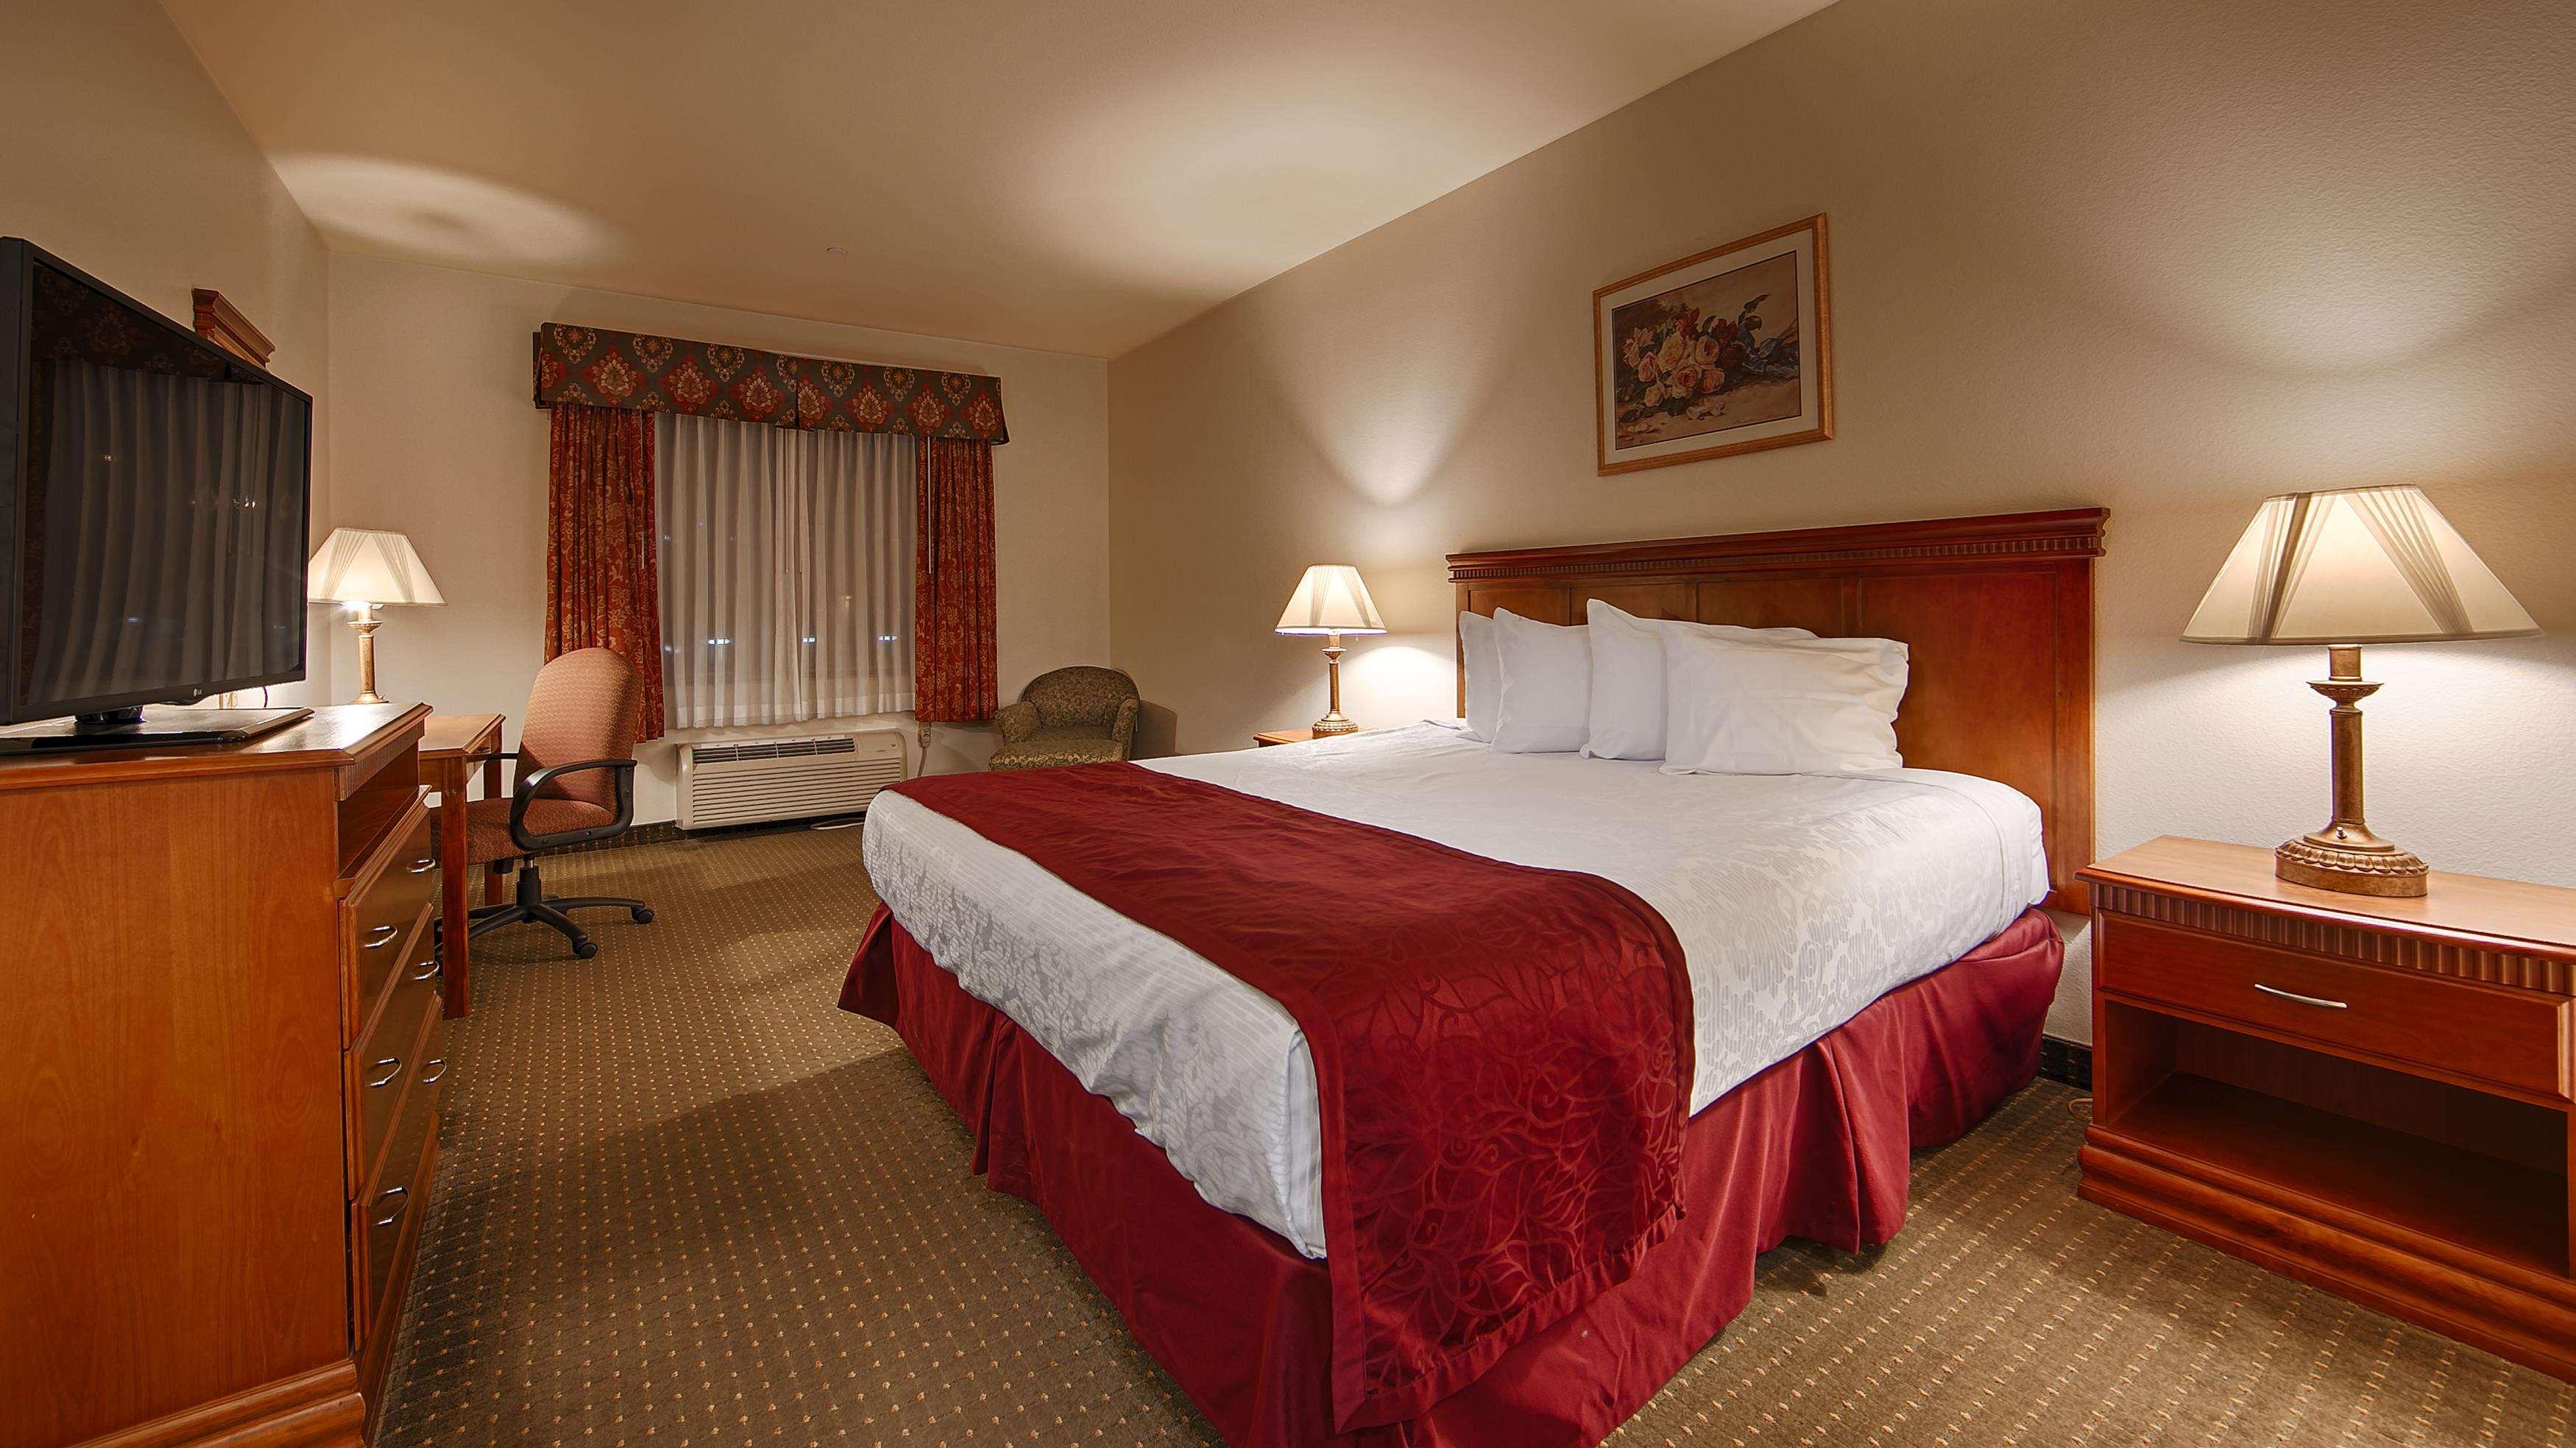 Best Western Plus Lake Elsinore Inn & Suites image 5